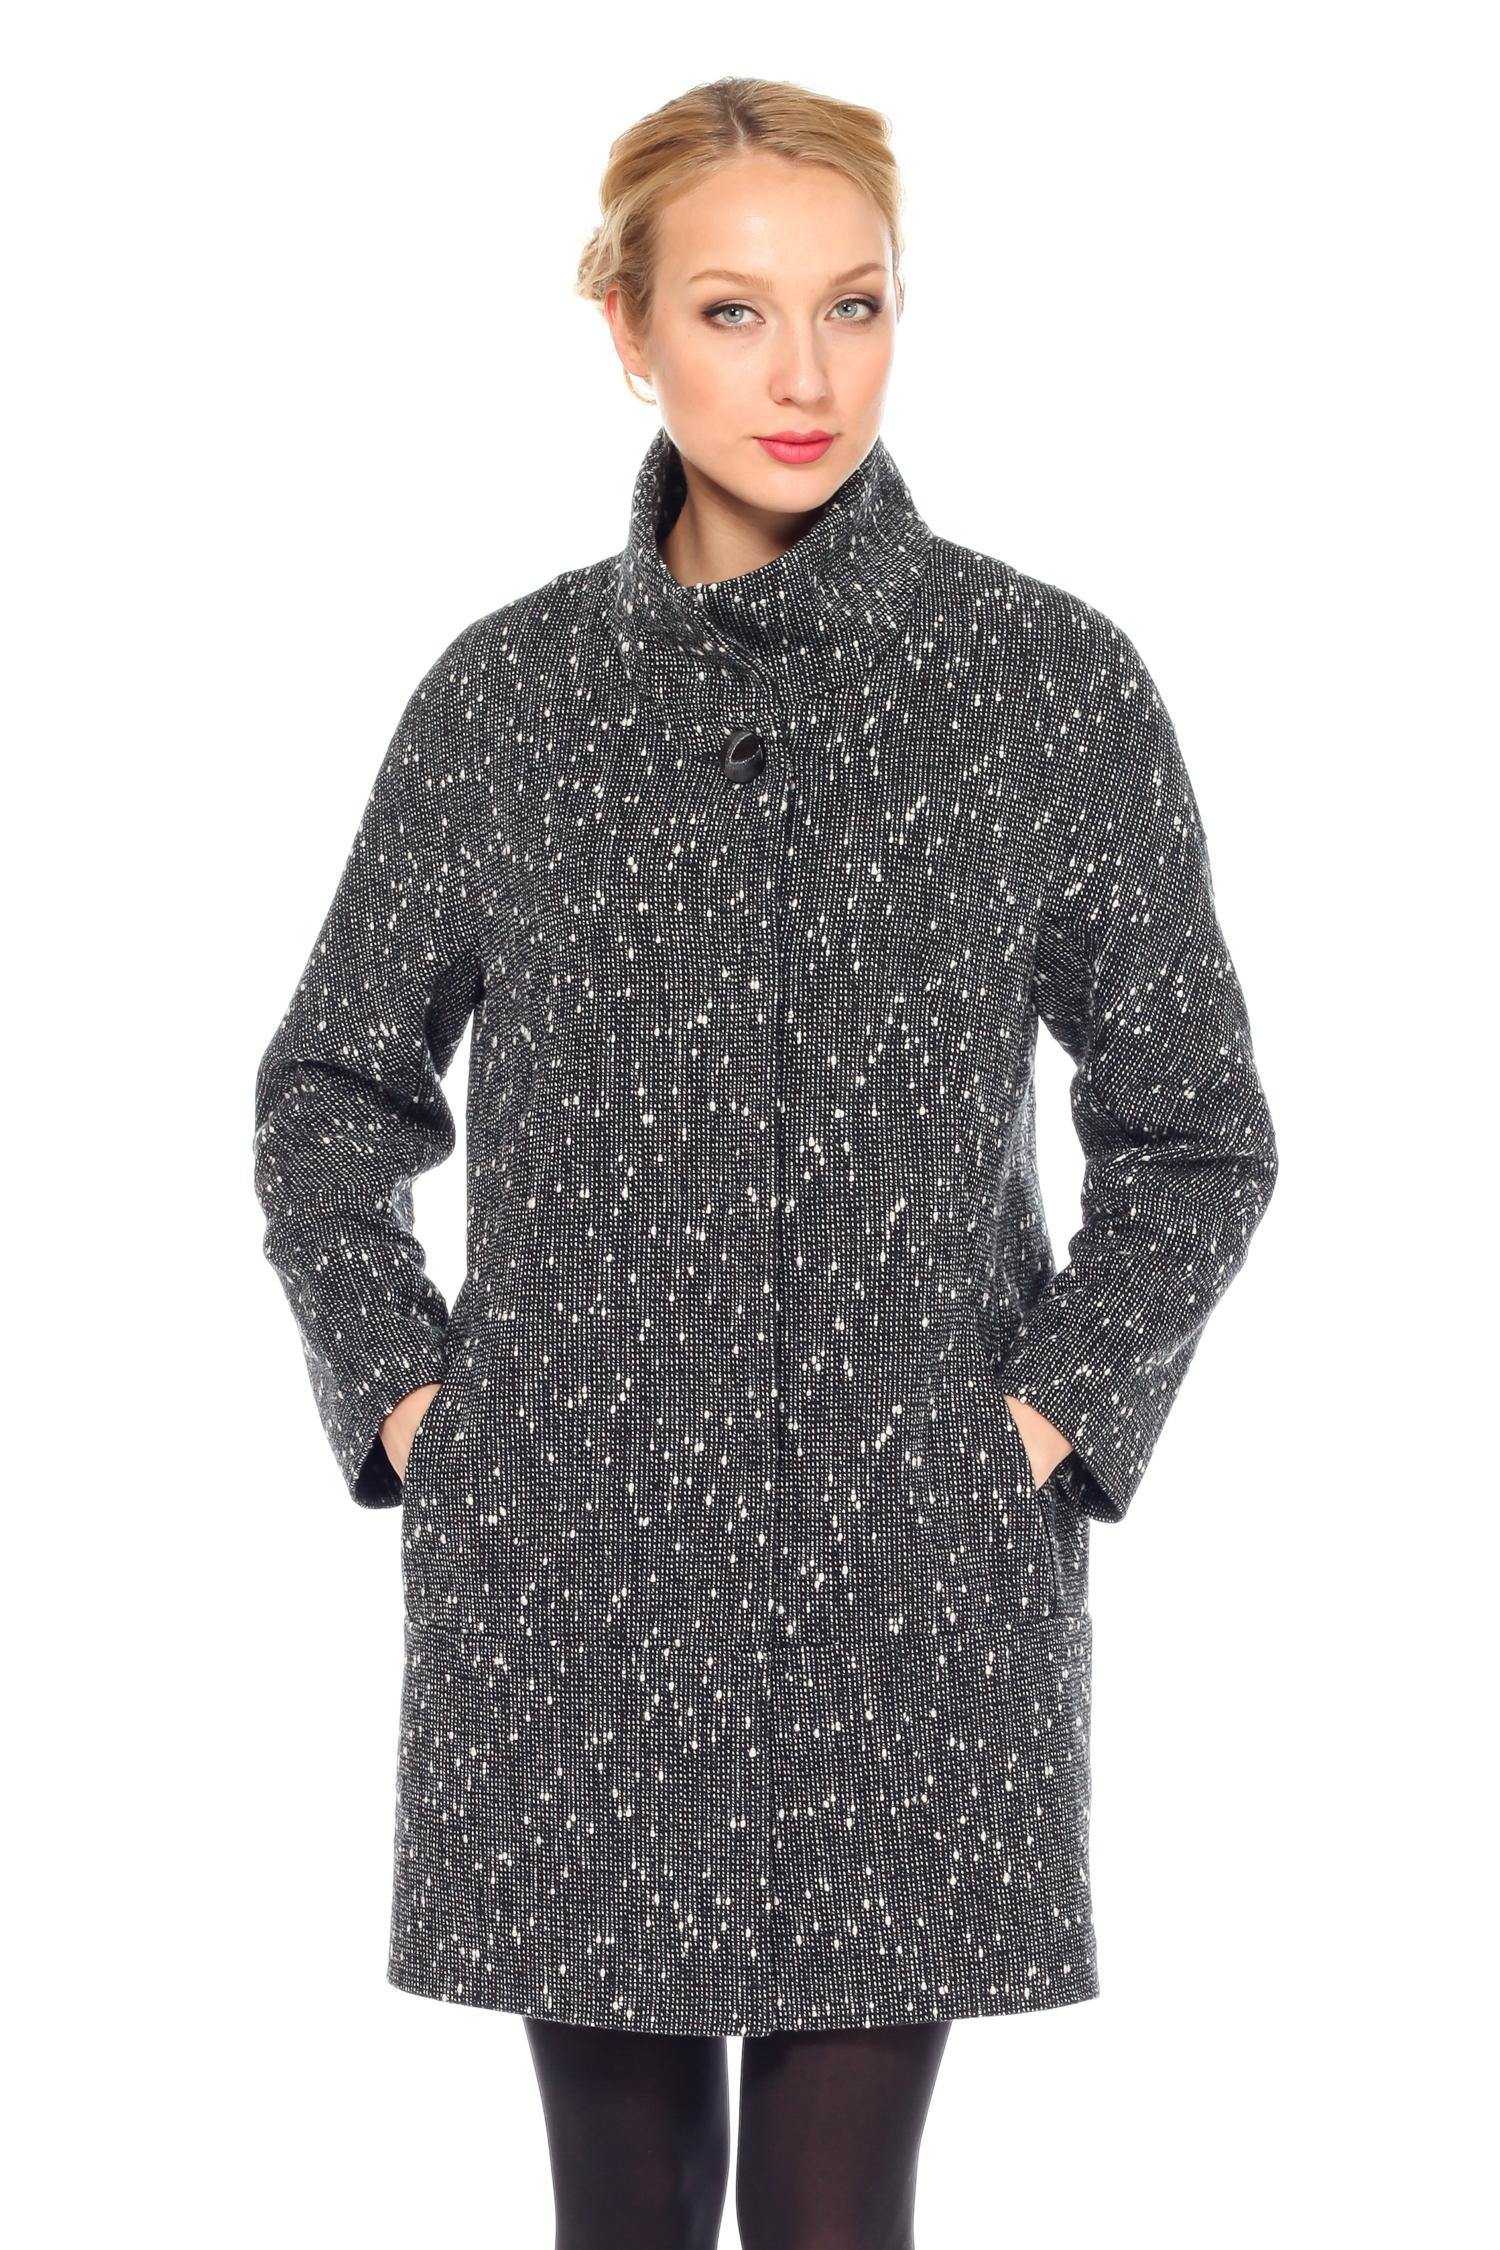 Женское пальто с воротником, без отделки<br><br>Воротник: стойка<br>Длина см: Средняя (75-89 )<br>Материал: Комбинированный состав<br>Цвет: серый<br>Вид застежки: центральная<br>Застежка: на кнопки<br>Пол: Женский<br>Размер RU: 46